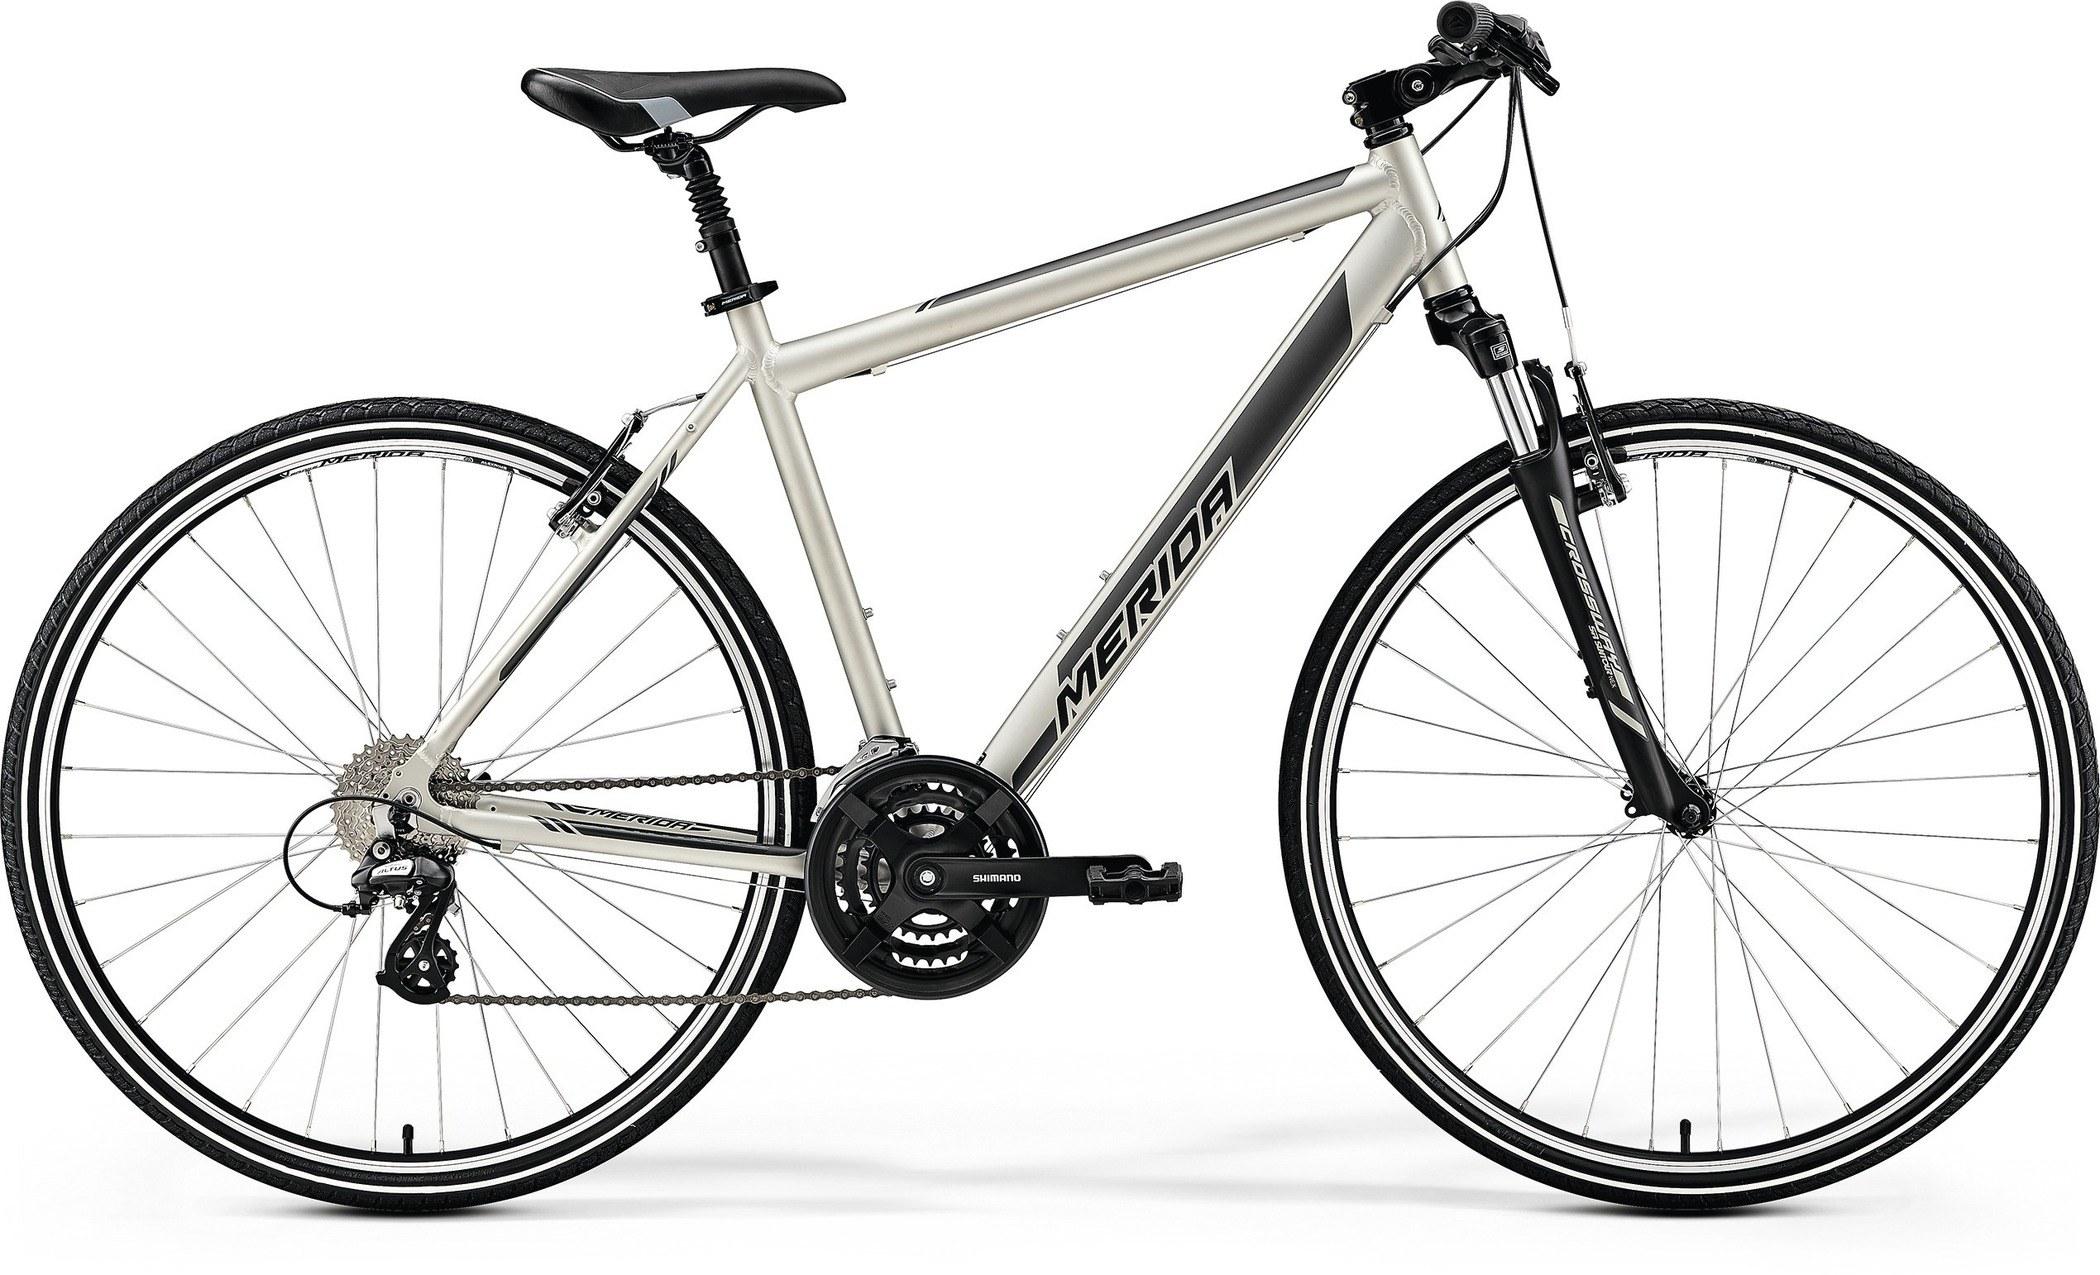 zoom-bike-picture-97721ecf98681ae84dc1533434f9f2ea